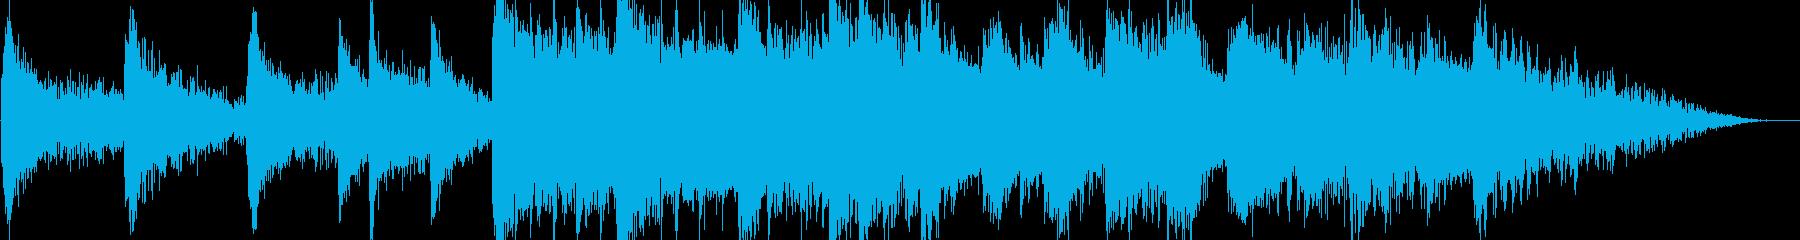 大地が割れる時【ピアノ曲・オープニング】の再生済みの波形